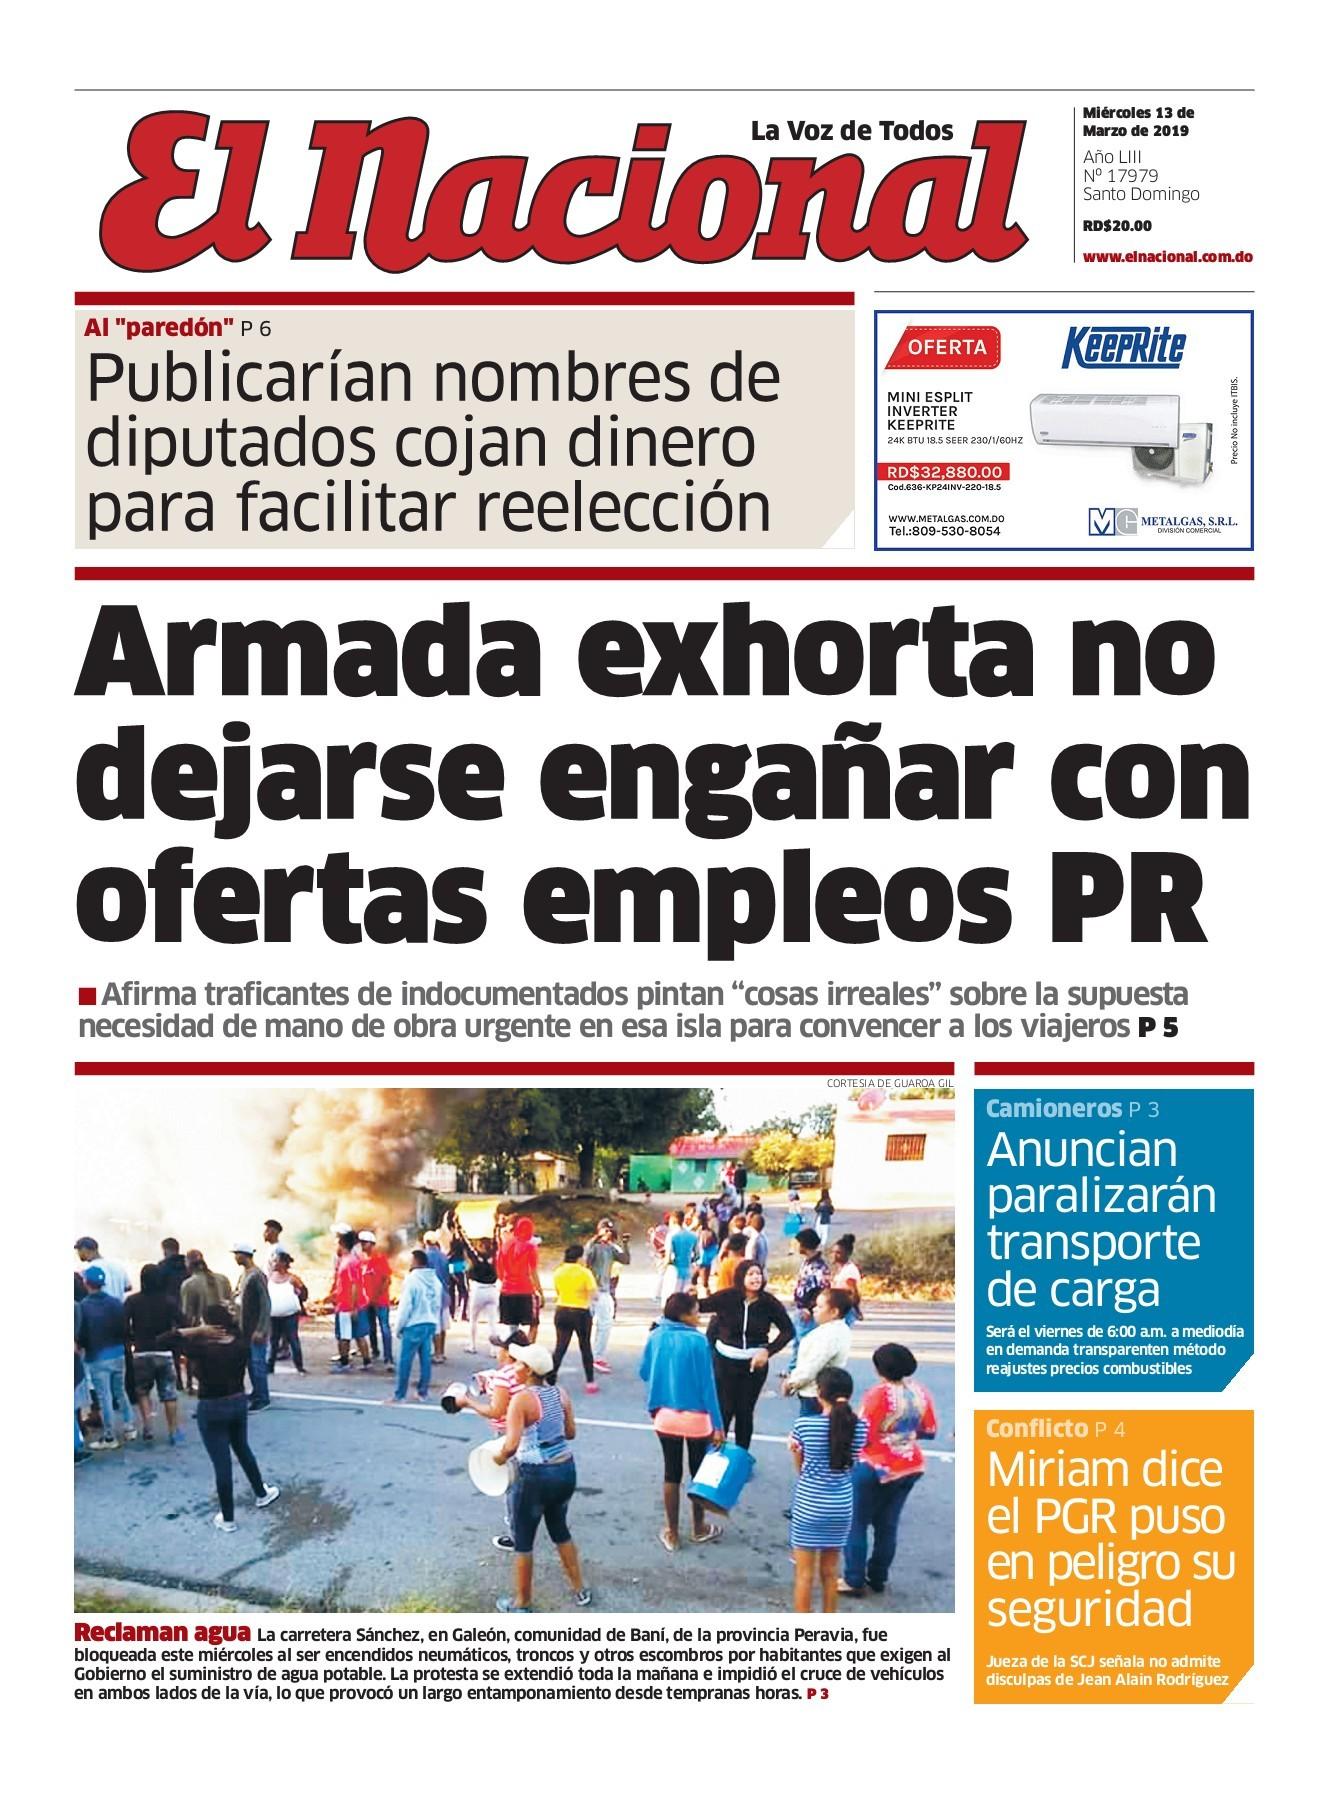 Portada Periódico El Nacional, Miércoles 13 de Marzo 2019